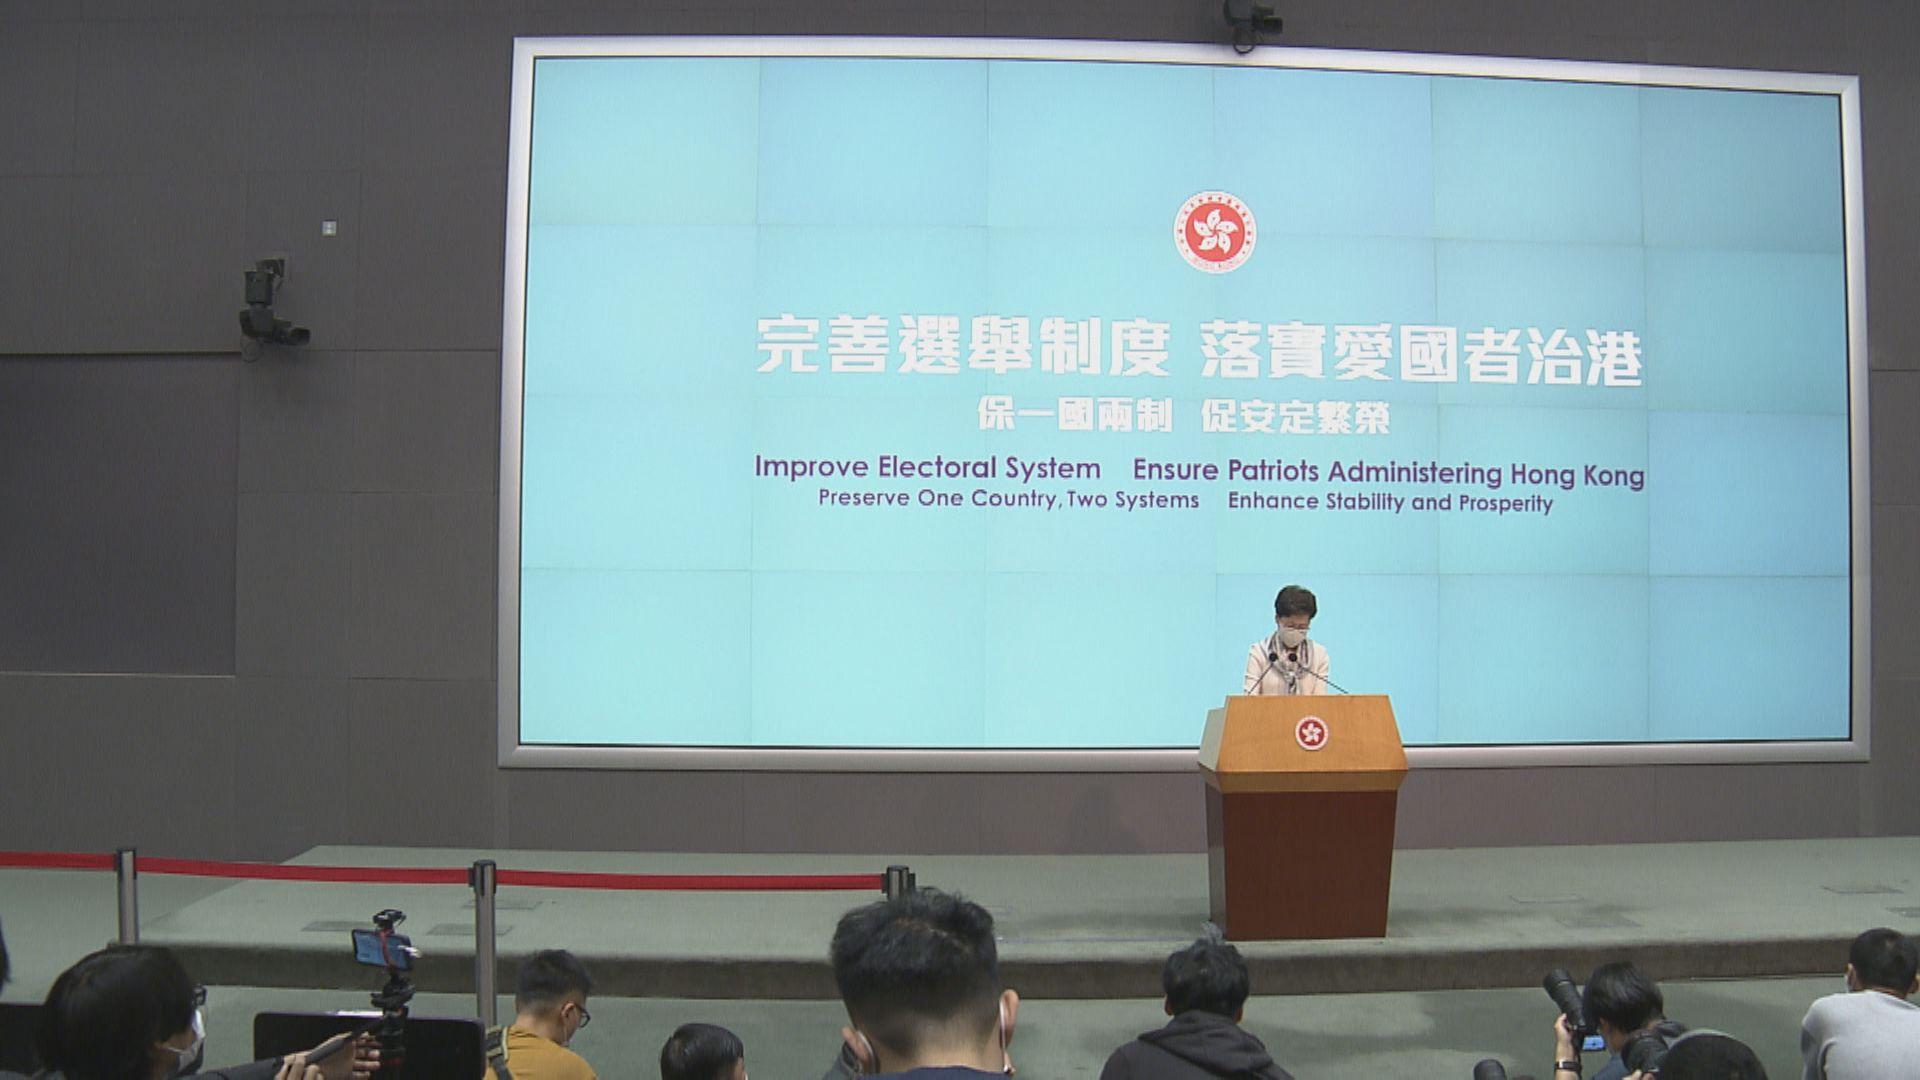 林鄭:候選人資格審議委員會有助完善現時機制